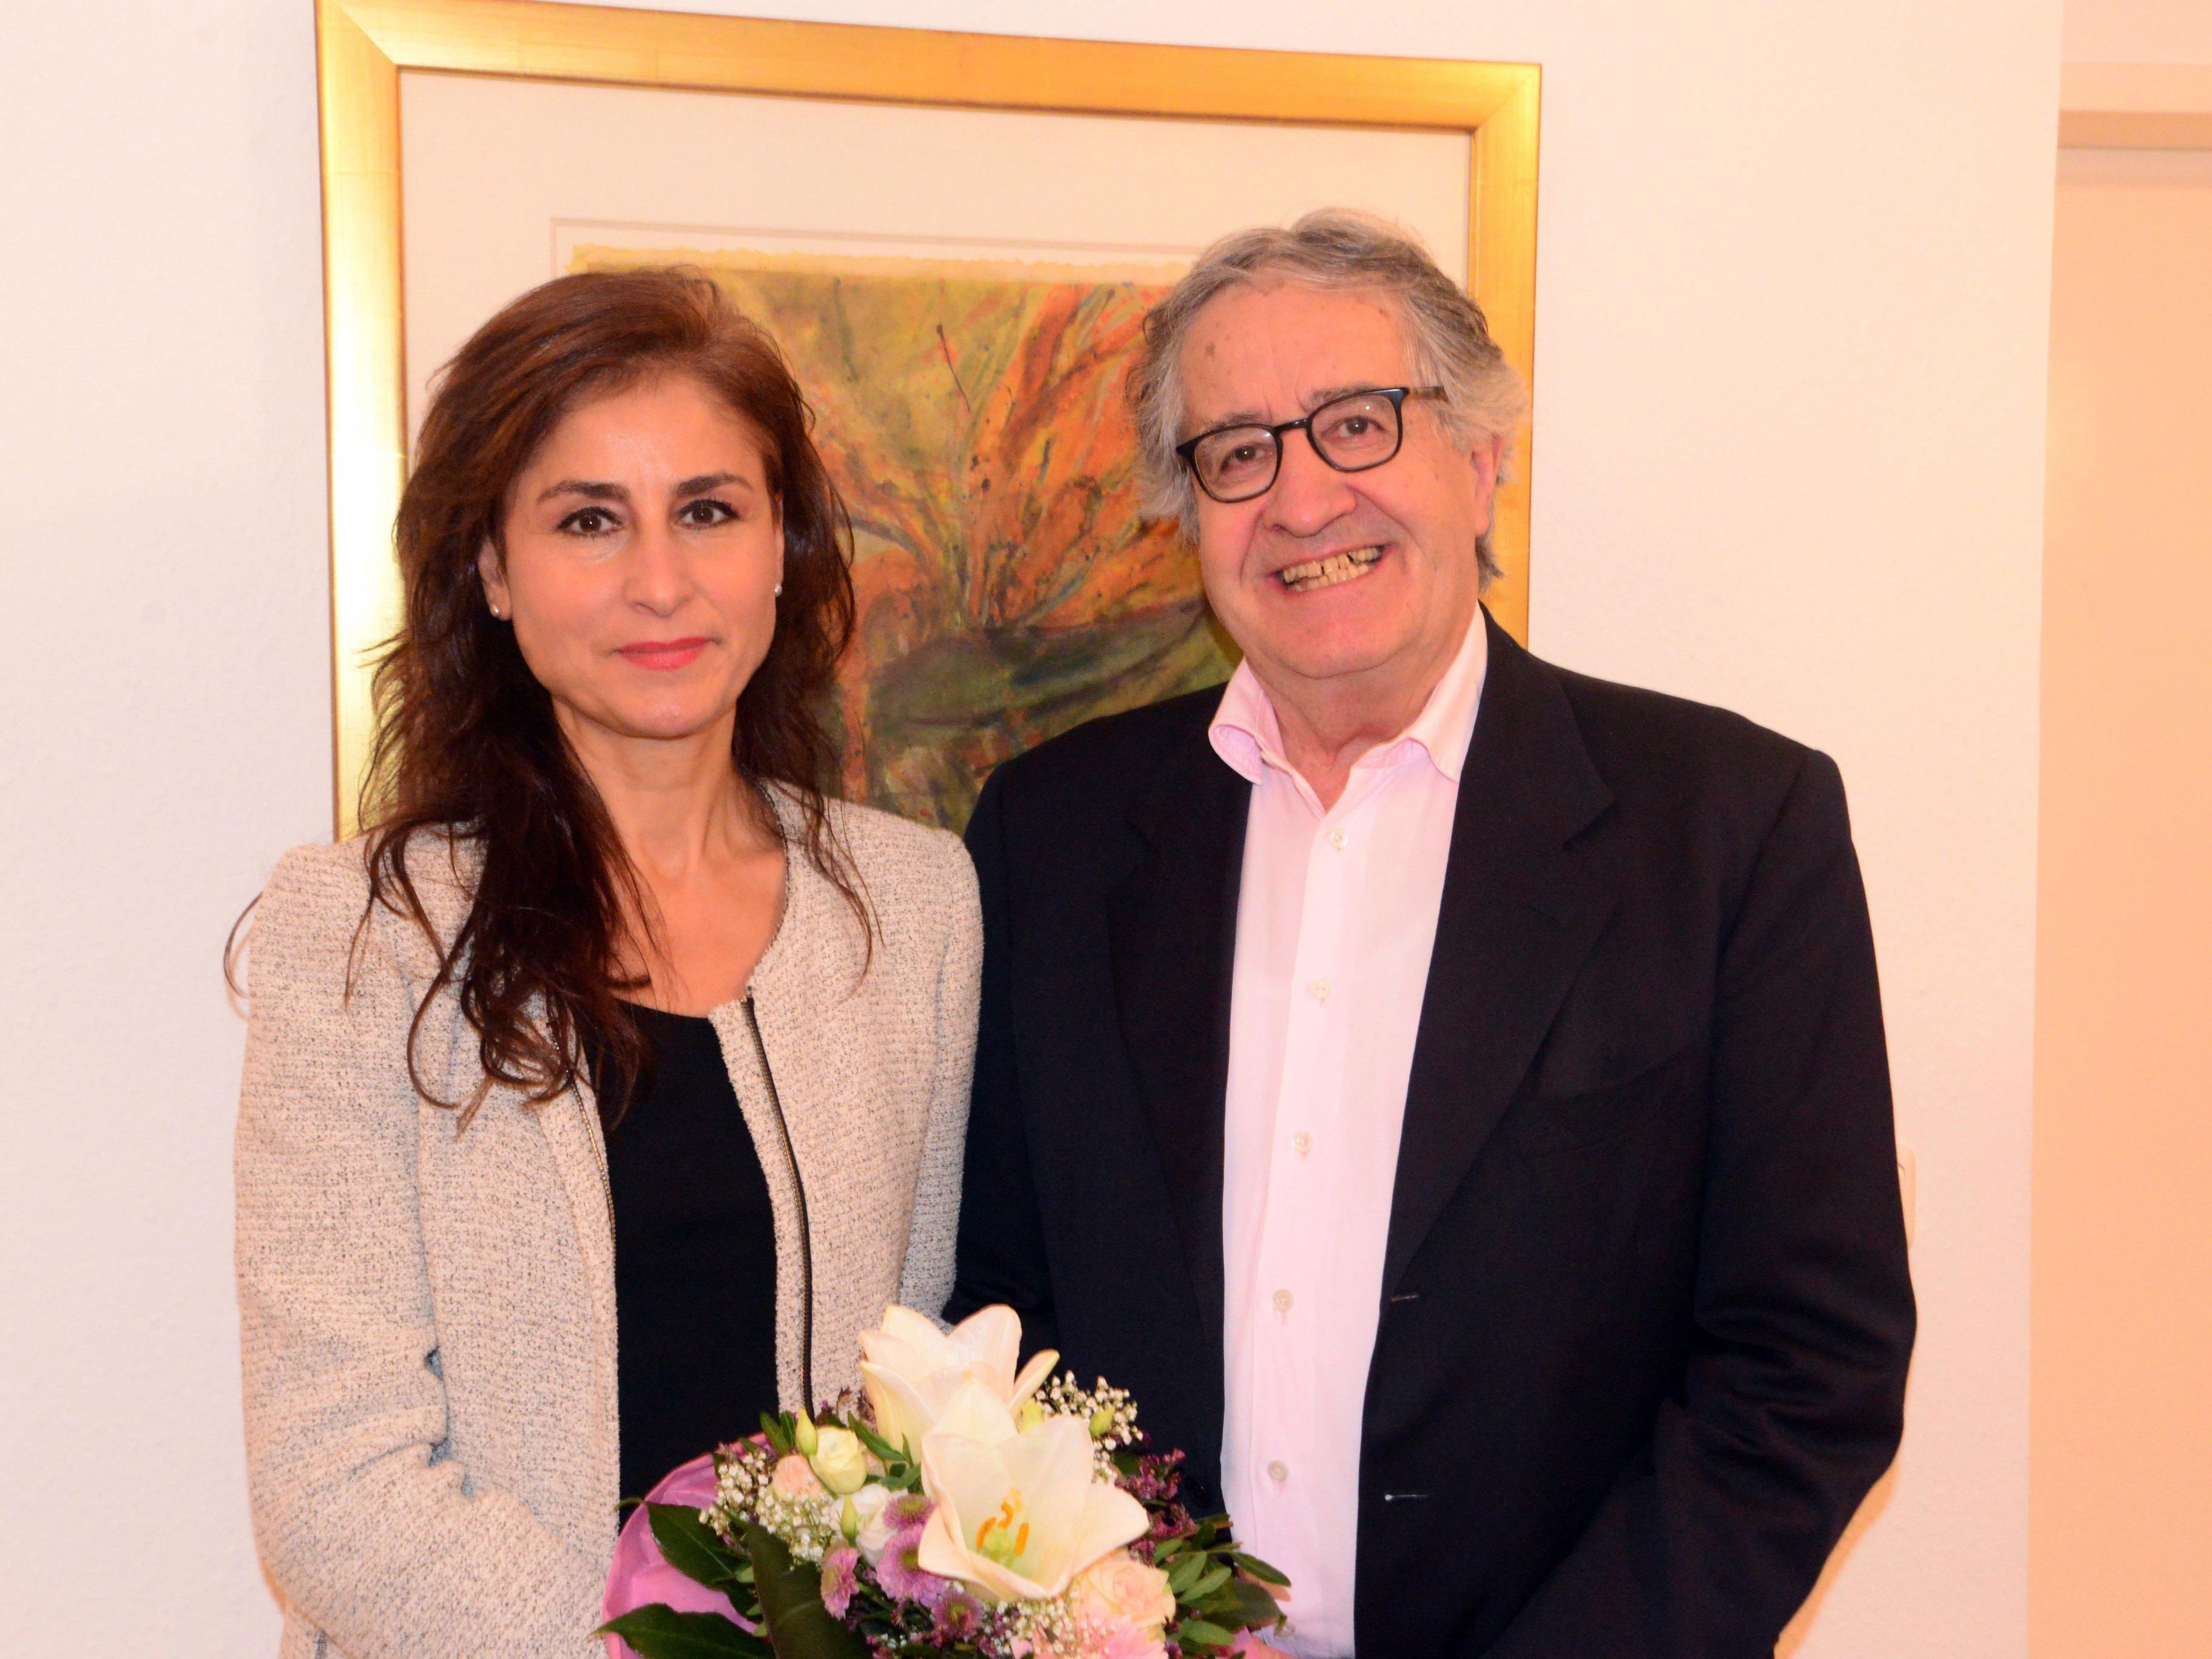 Internist Egon Humpüeler übergab seine Praxis in Bregenz an Univ.Prof. Dr. Yildiz Yildiz.